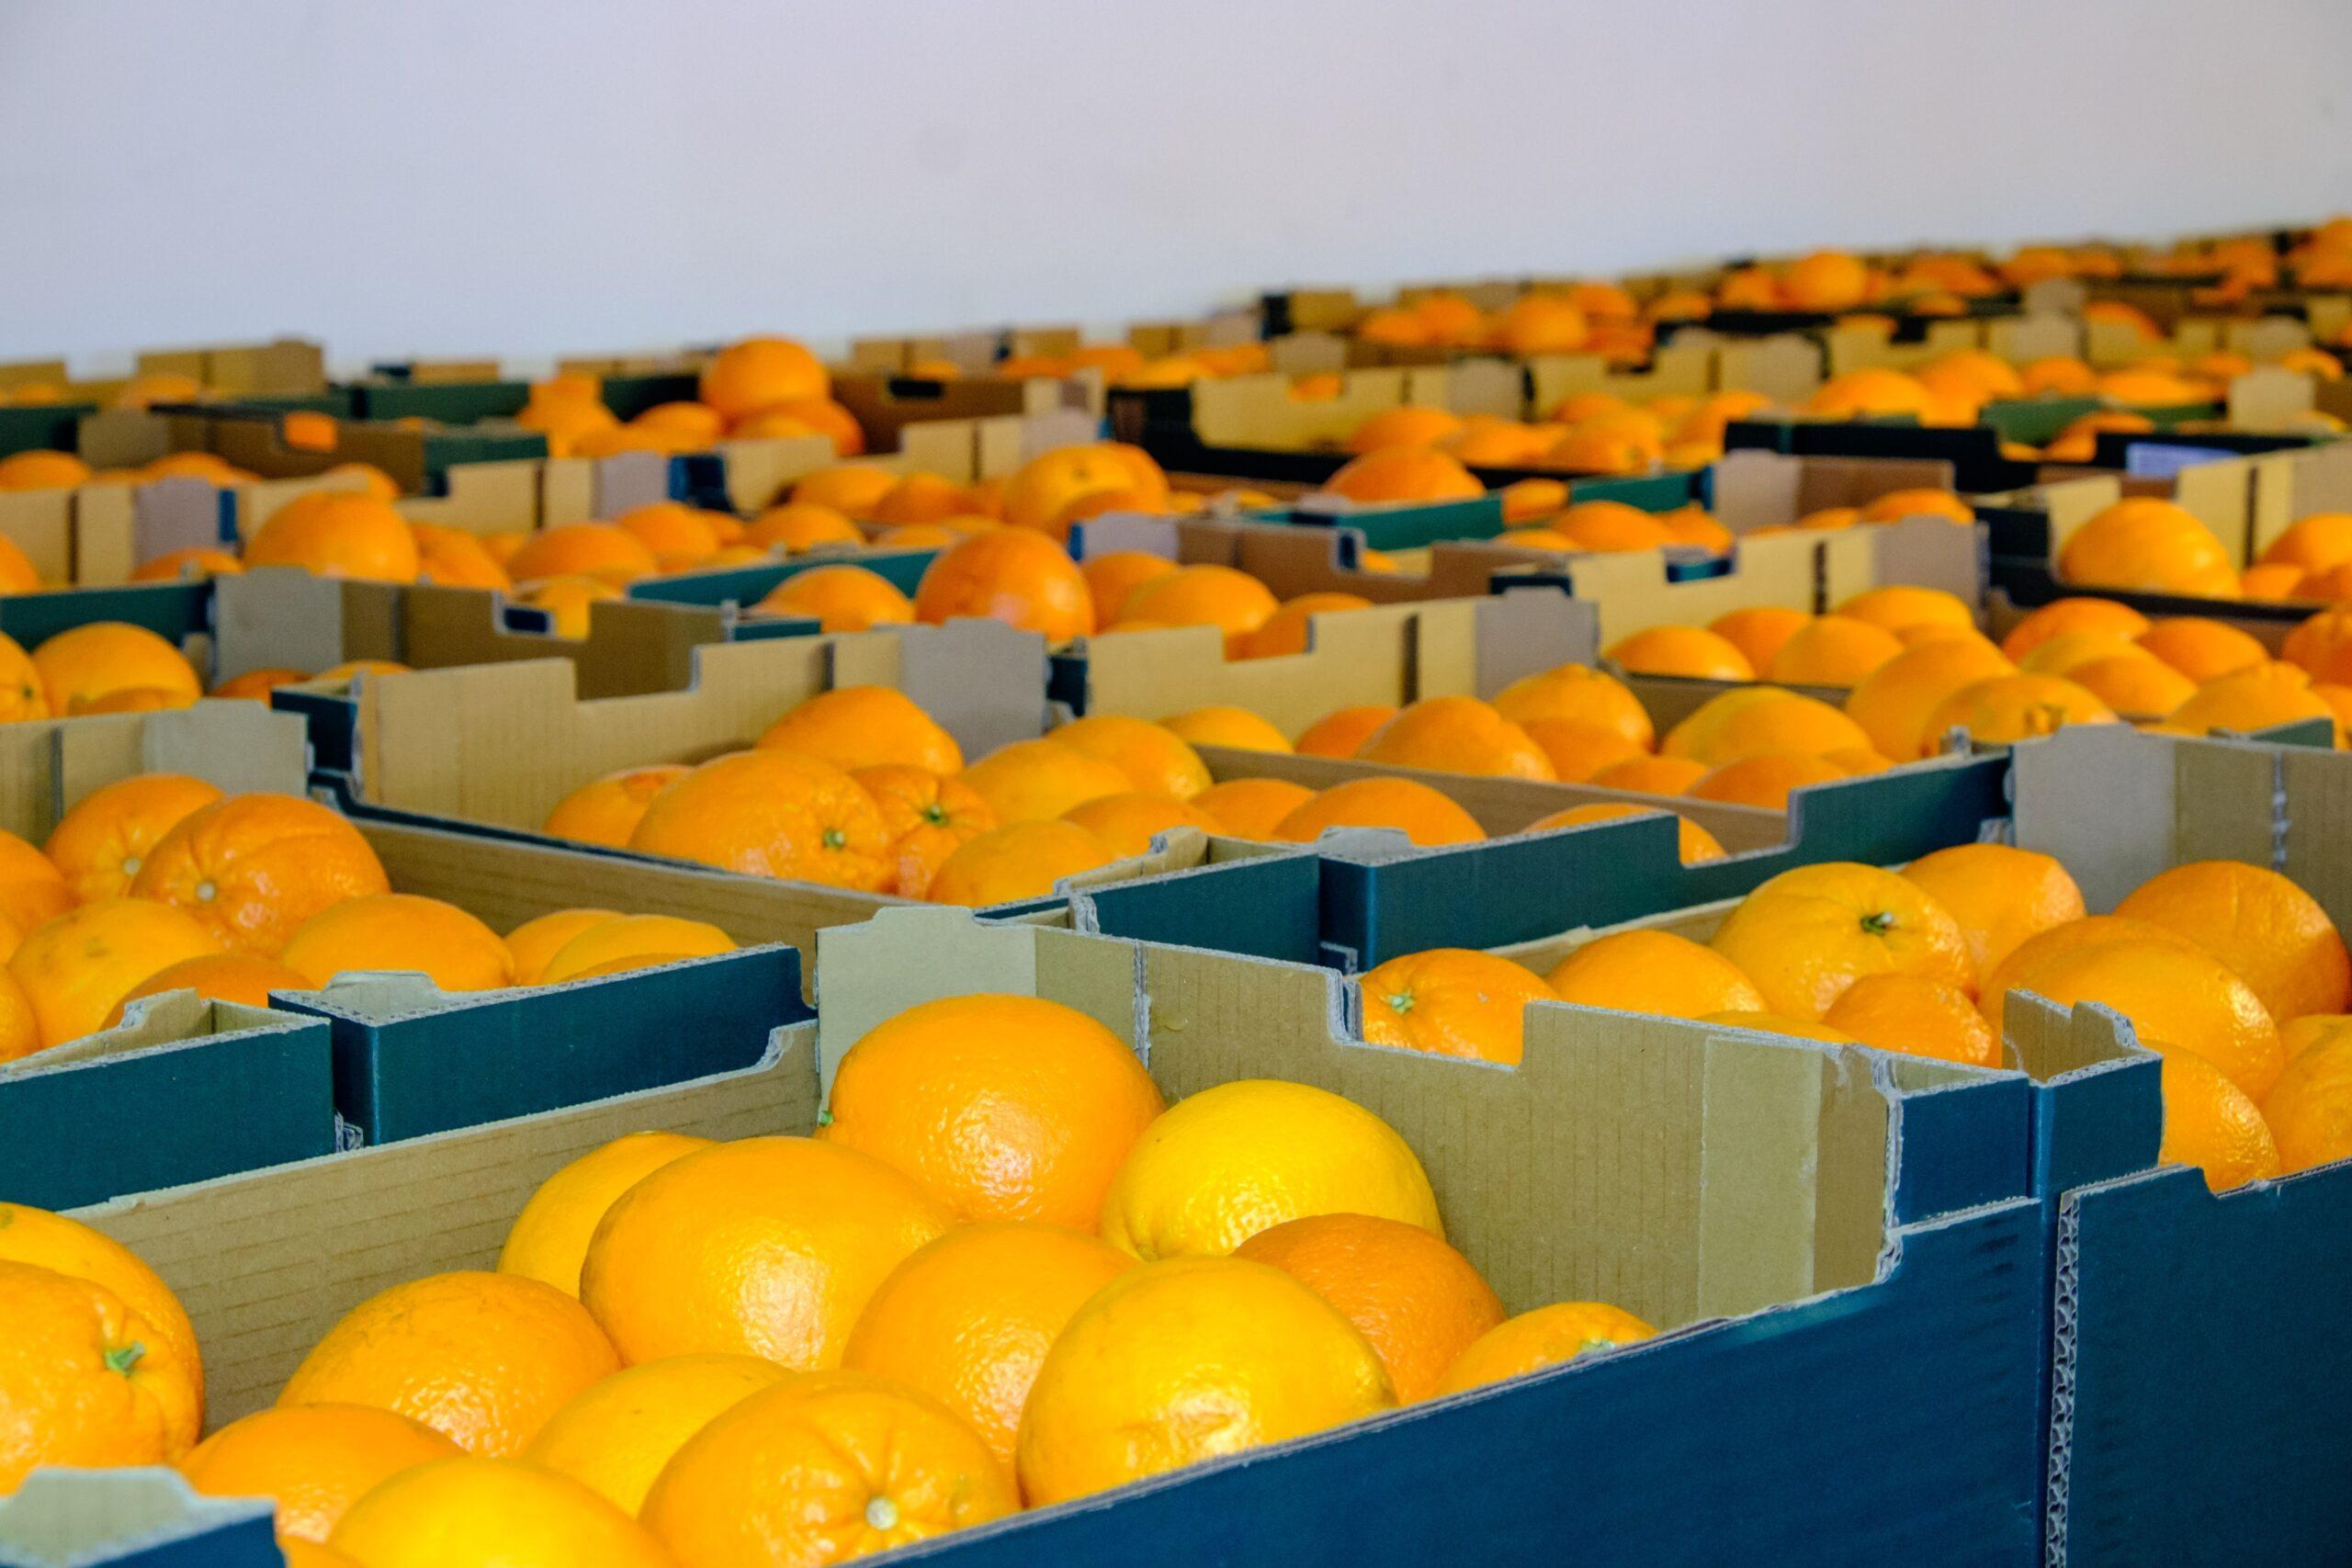 Taronges donades pel Departament d'Agricultura al Banc dels Aliments   Departament d'Agricultura